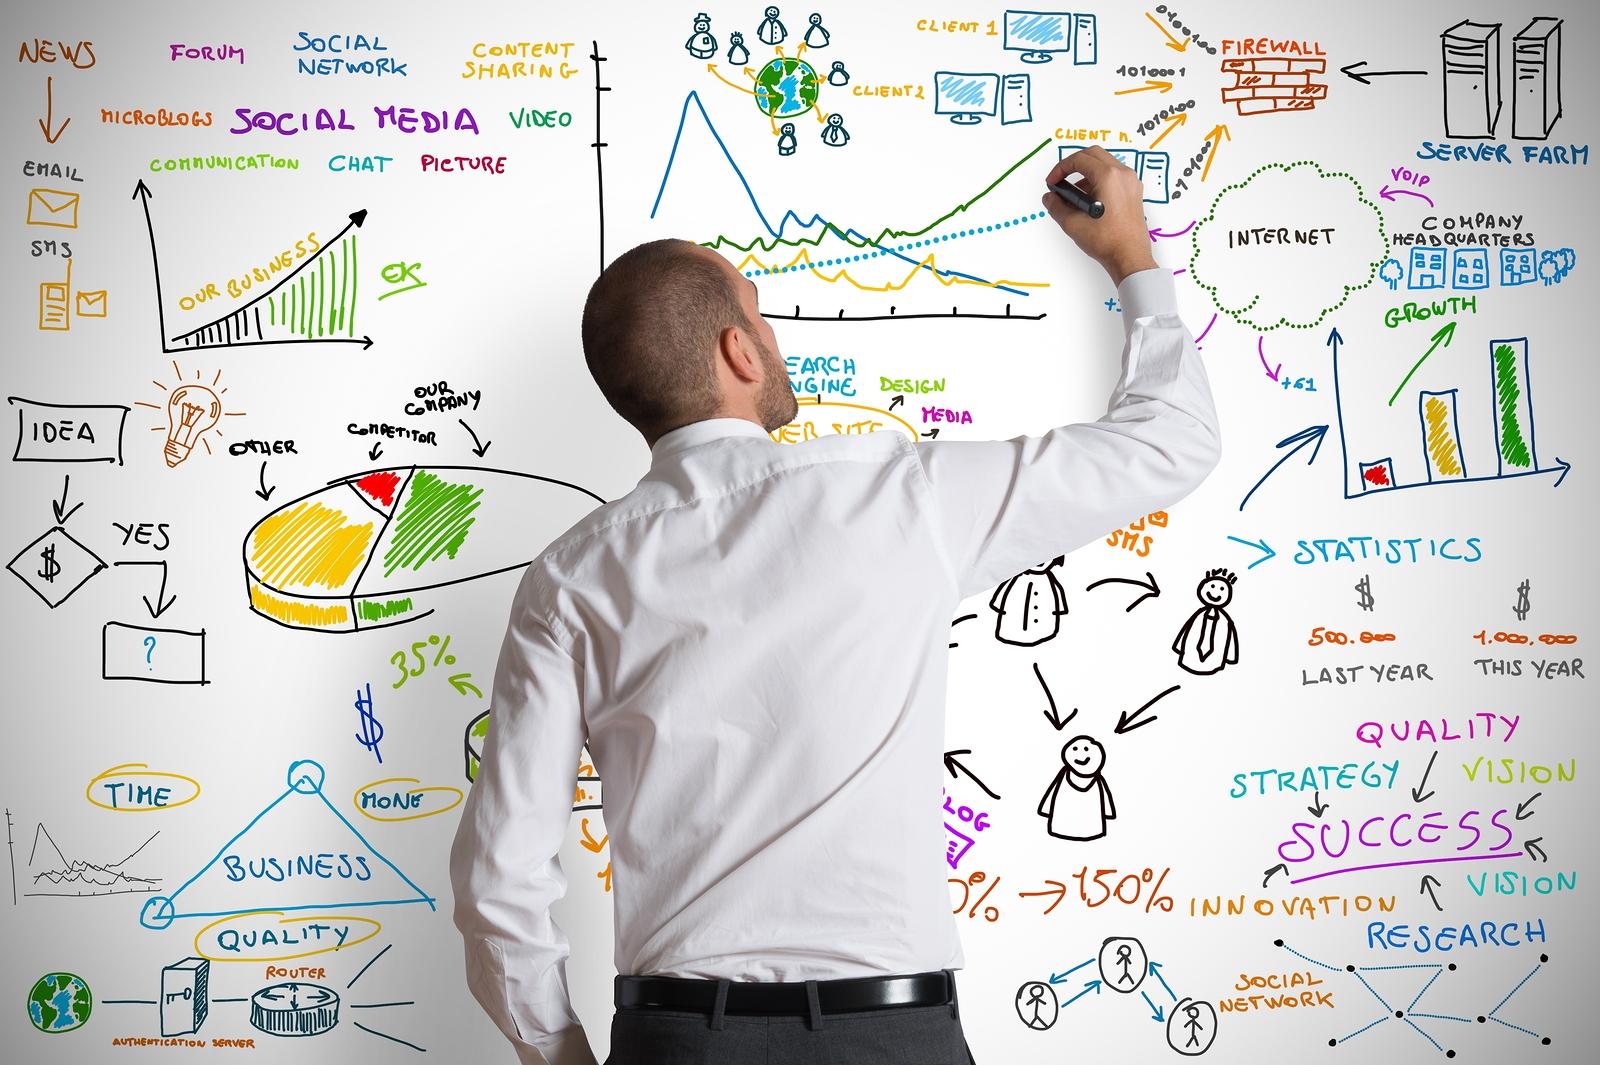 bigstock-Modern-Business-Concept-40987330.jpg